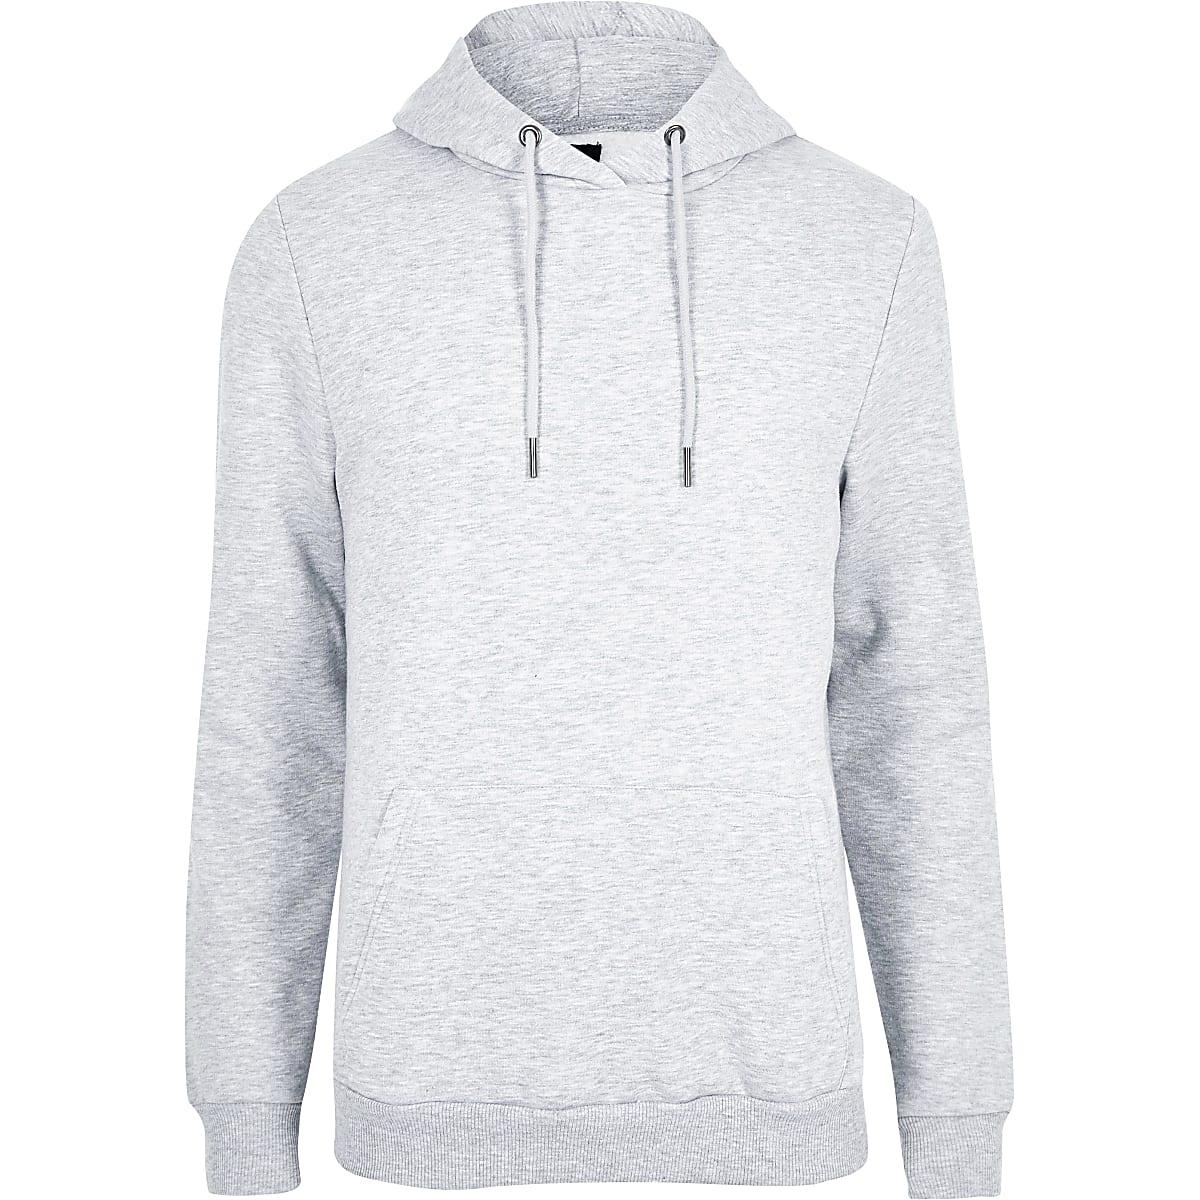 02f008300b Grey marl slim fit long sleeve hoodie - Hoodies - Hoodies ...